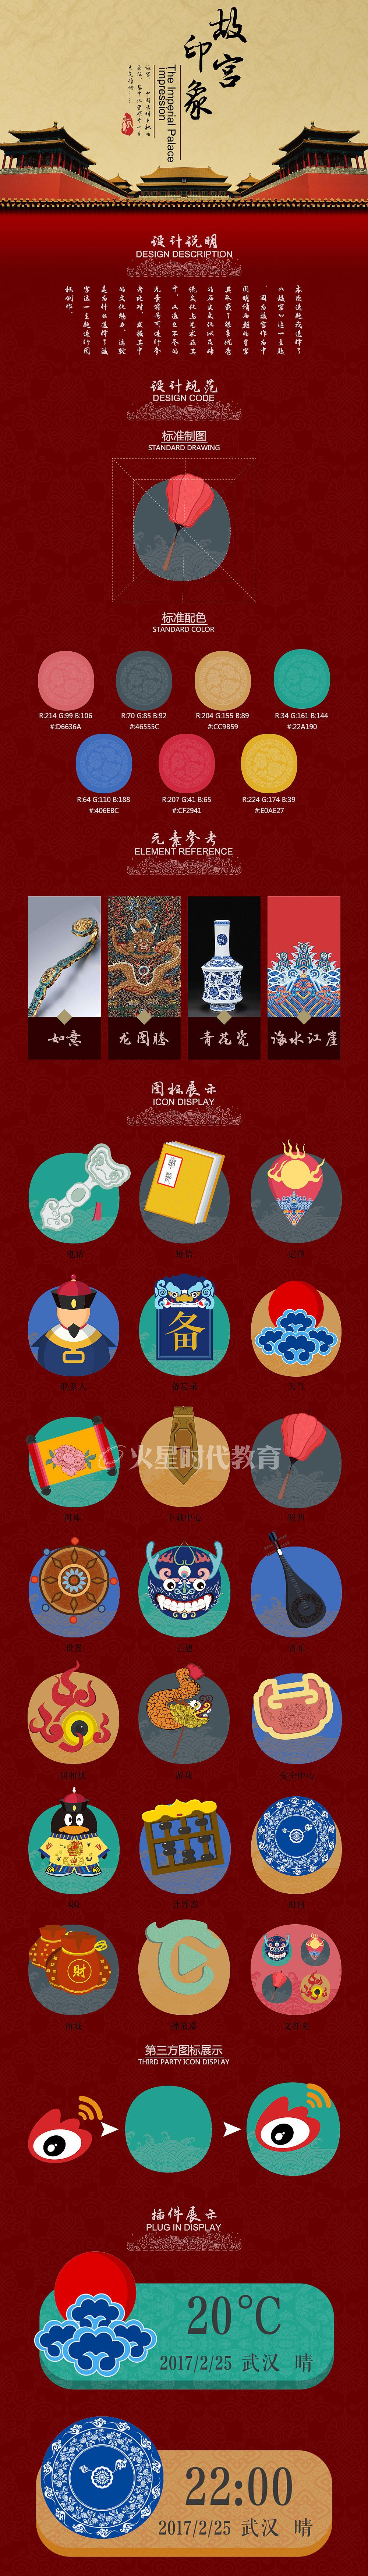 故宫主题icon设计图片